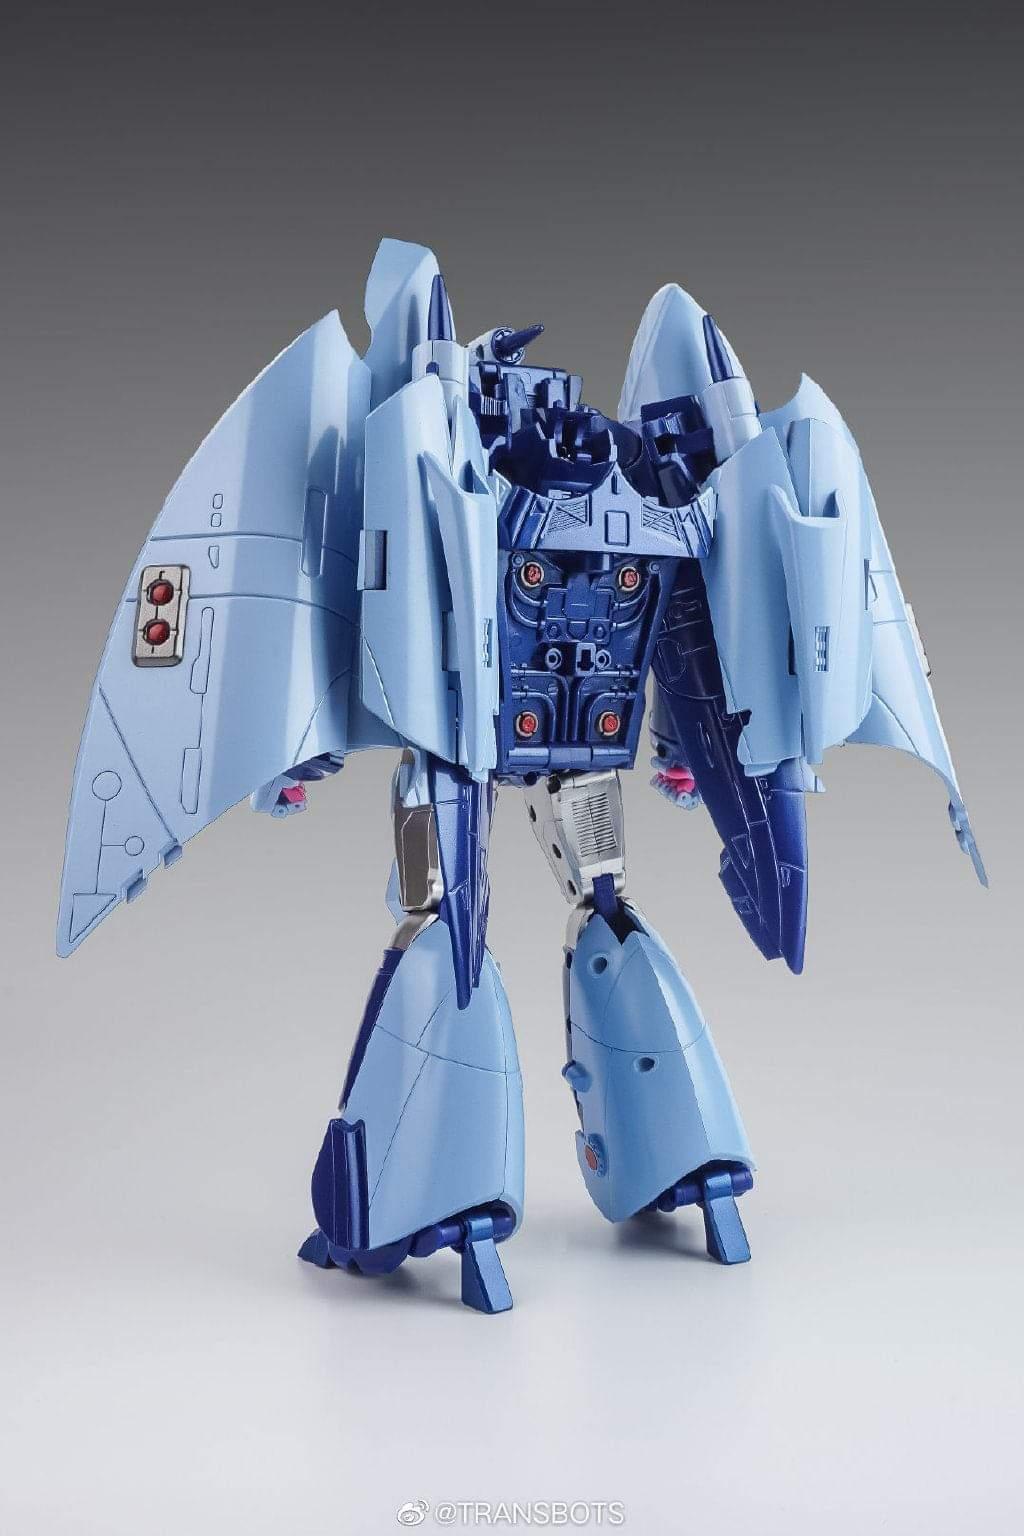 [X-Transbots] Produit Tiers - MX-II Andras - aka Scourge/Fléo - Page 3 2oNYLDio_o